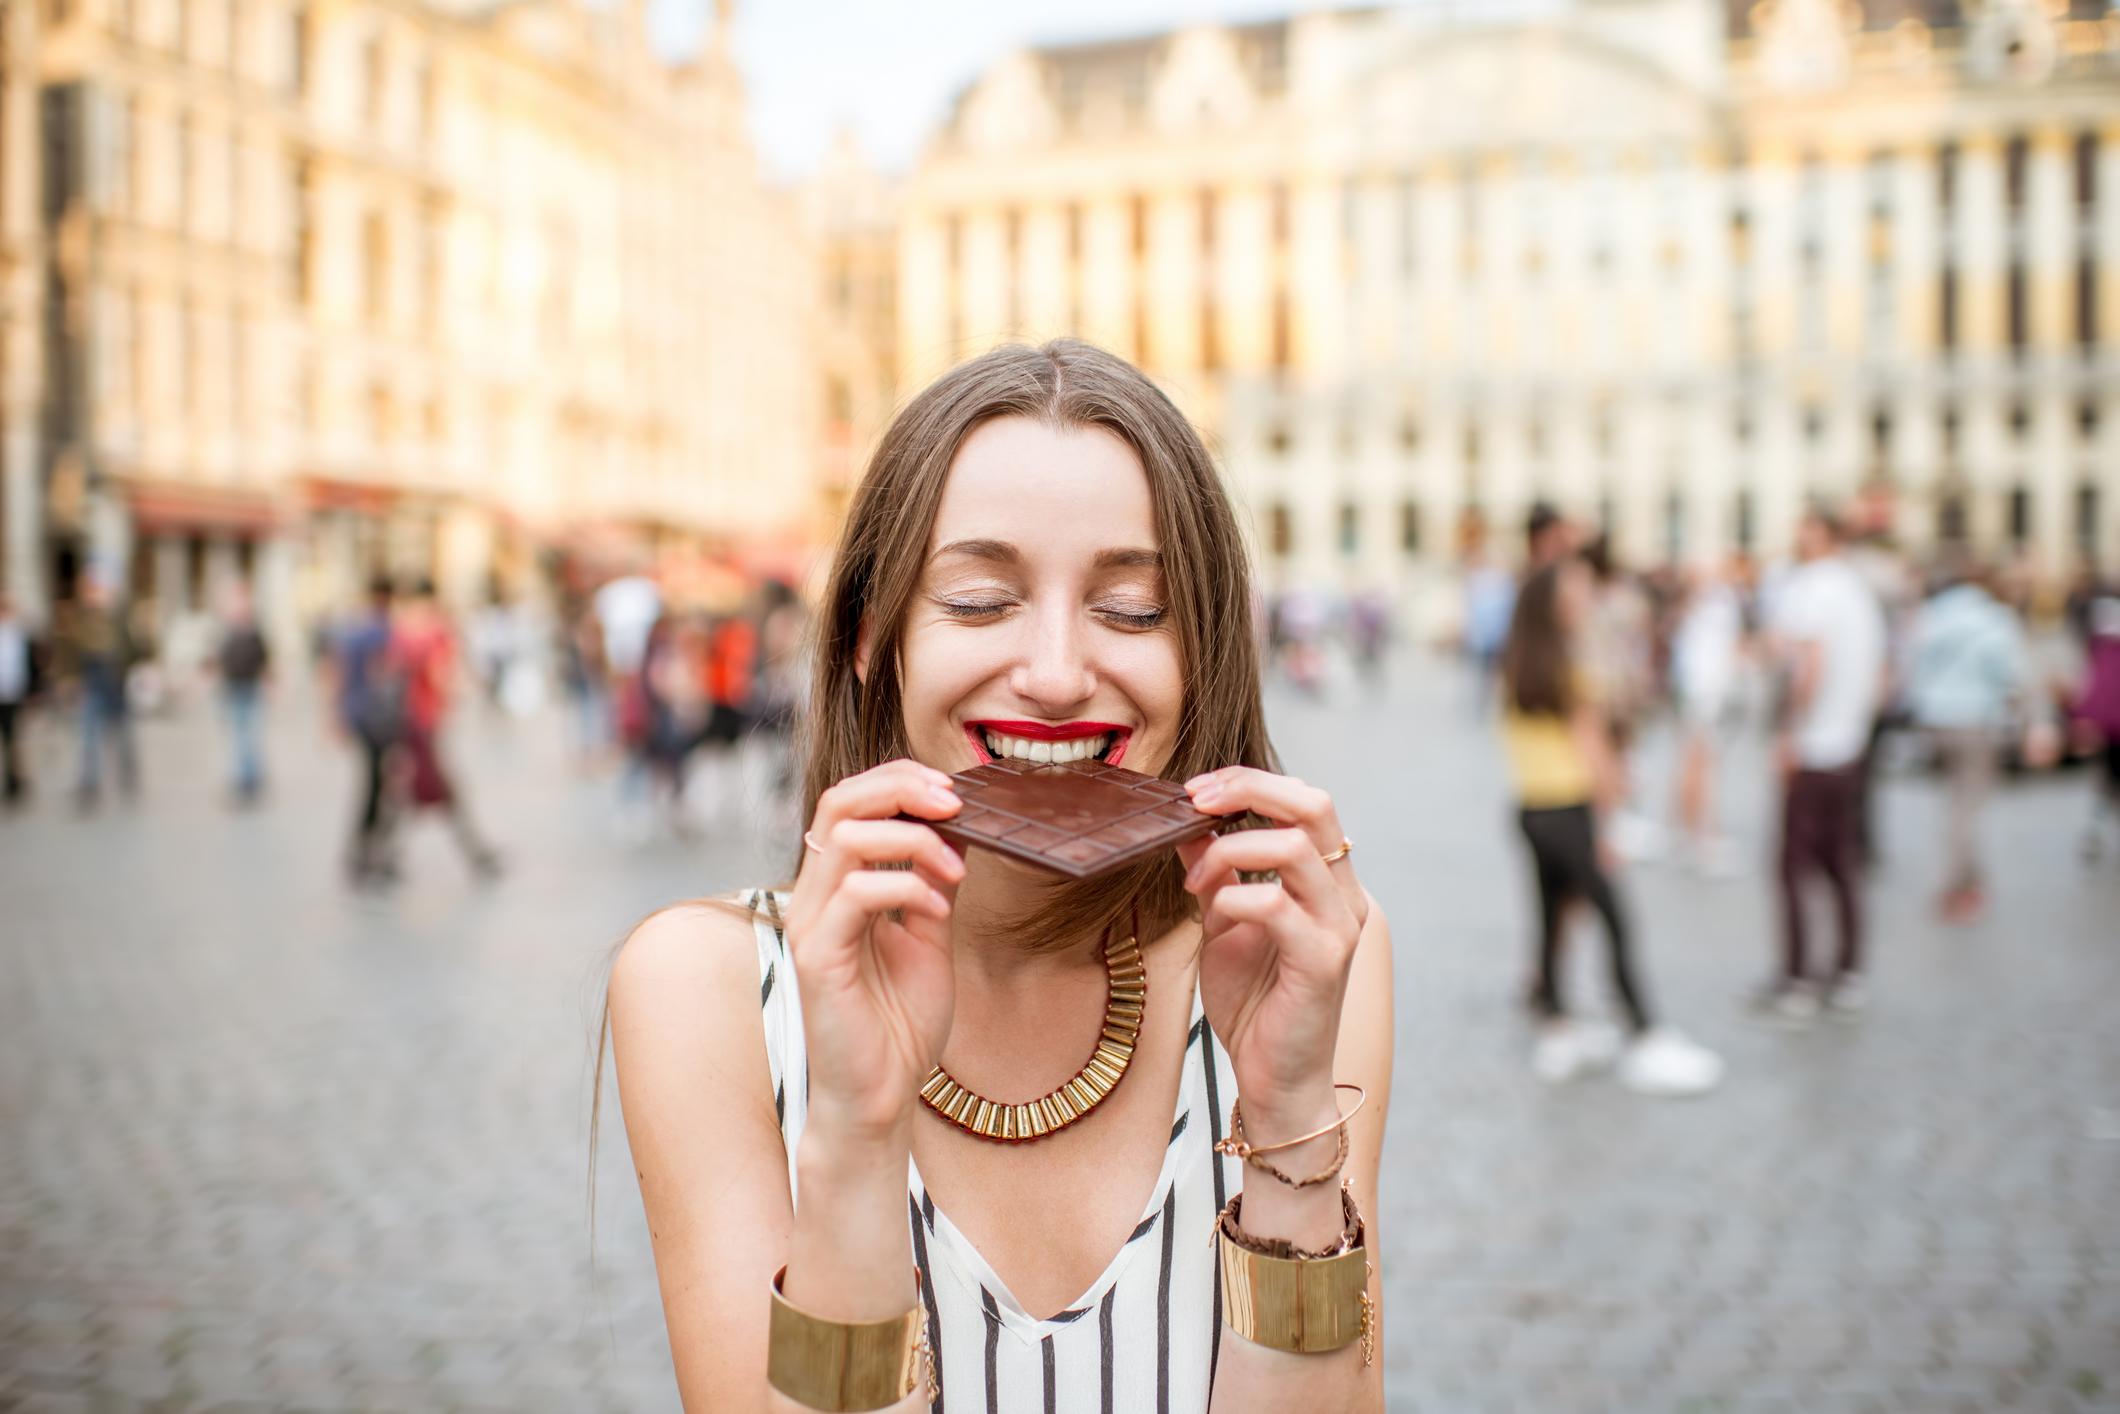 Comer chocolate é delicioso, mas também pode fazer bem à saúde. Confira os tipos de chocolate que podem ajudar o funcionamento do organismo!